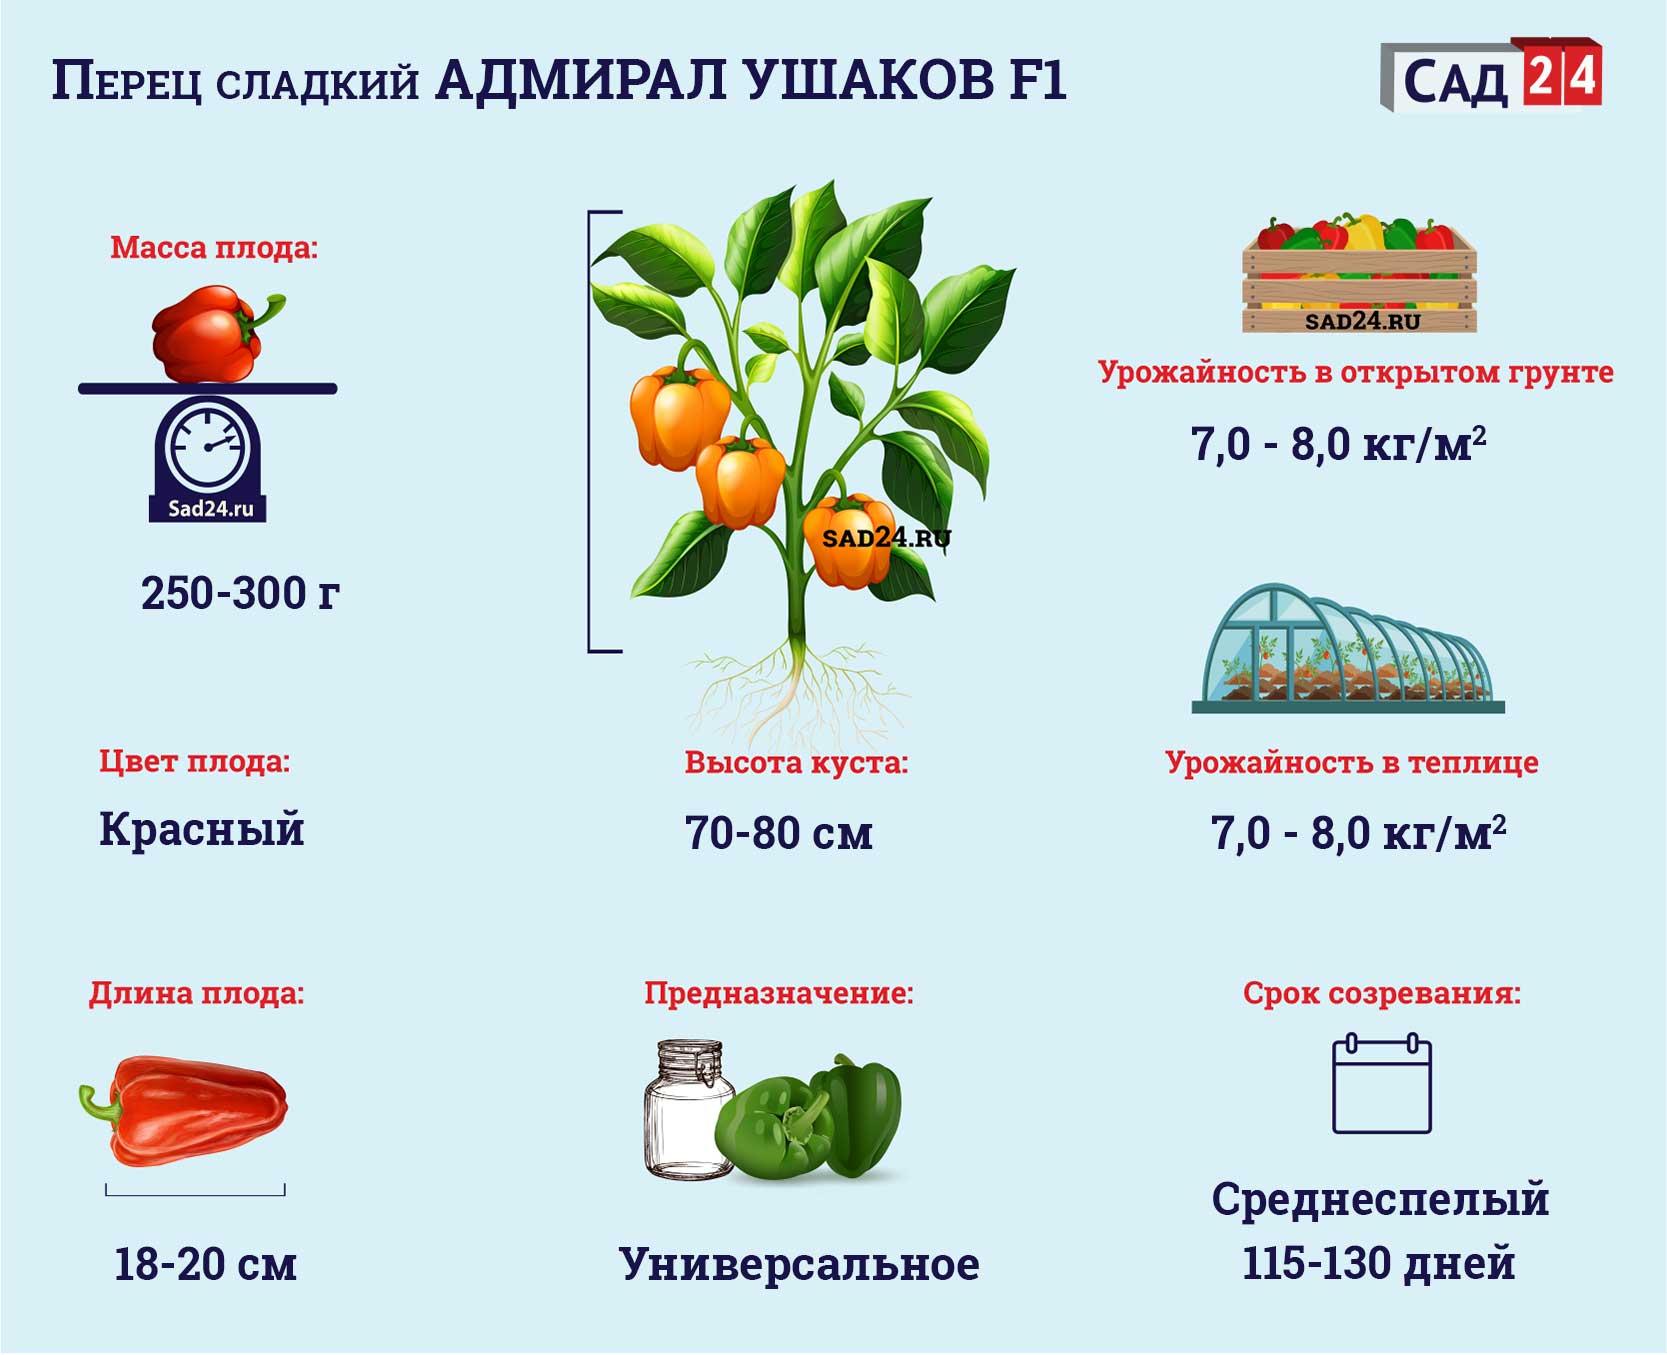 Адмирал Ушаков - https://sad24.ru/